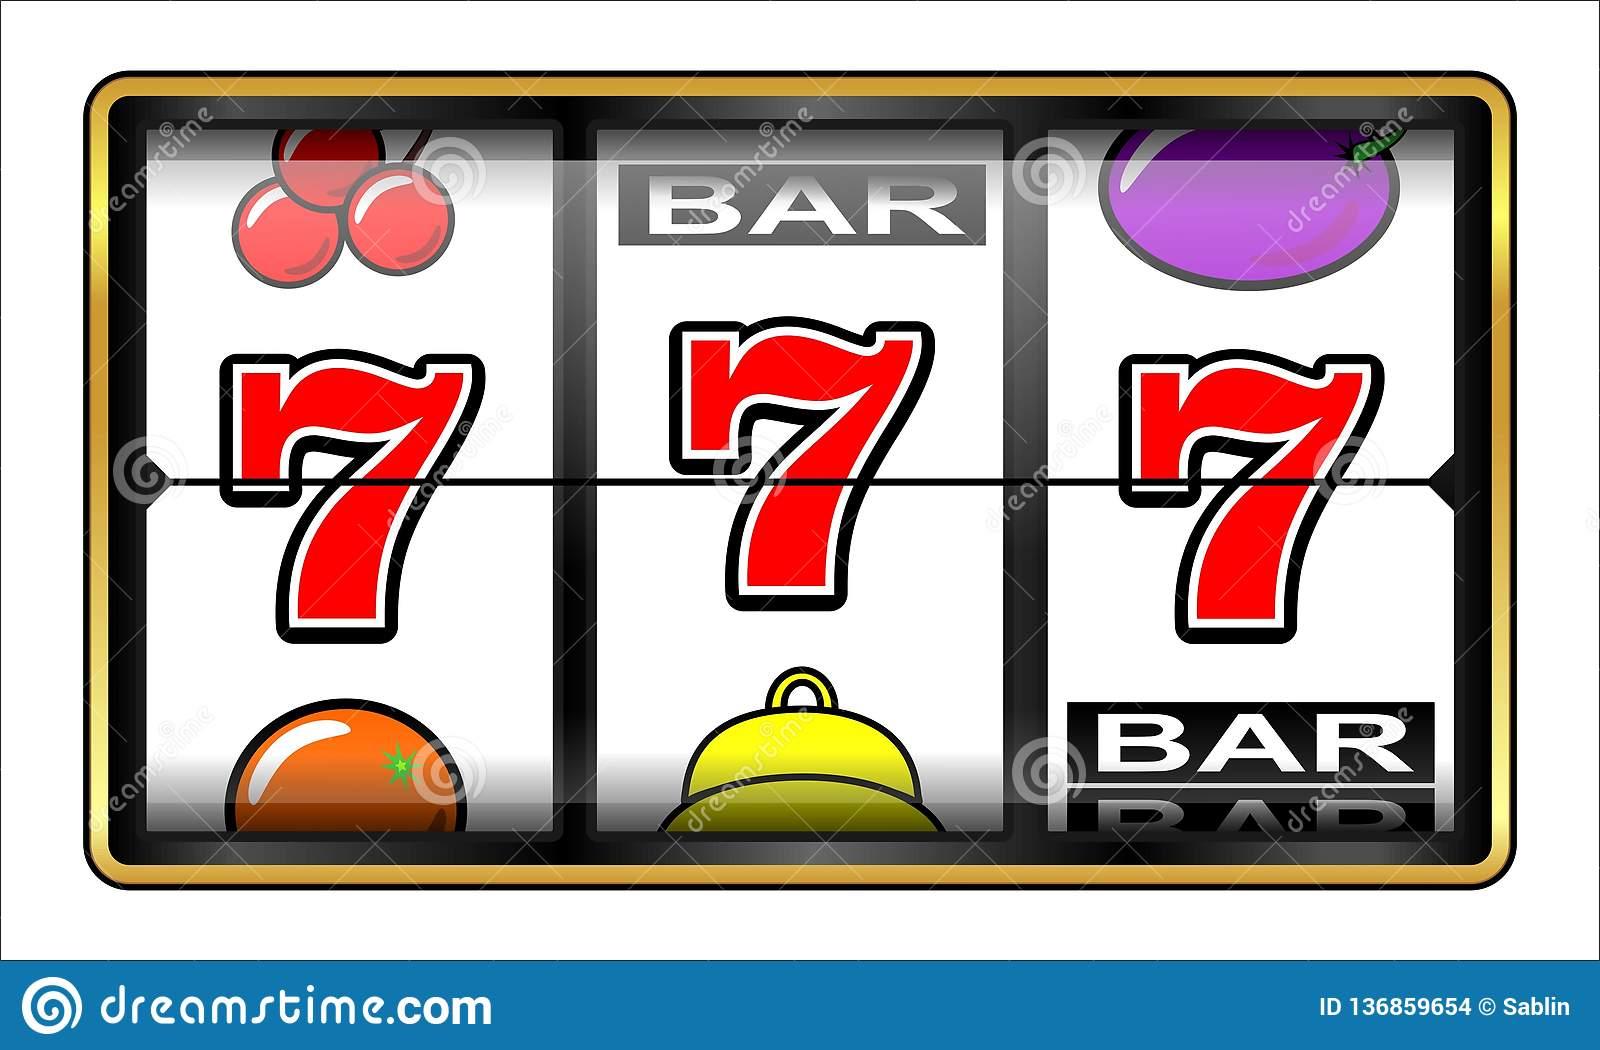 La machine à sous gratuite sans téléchargement 777